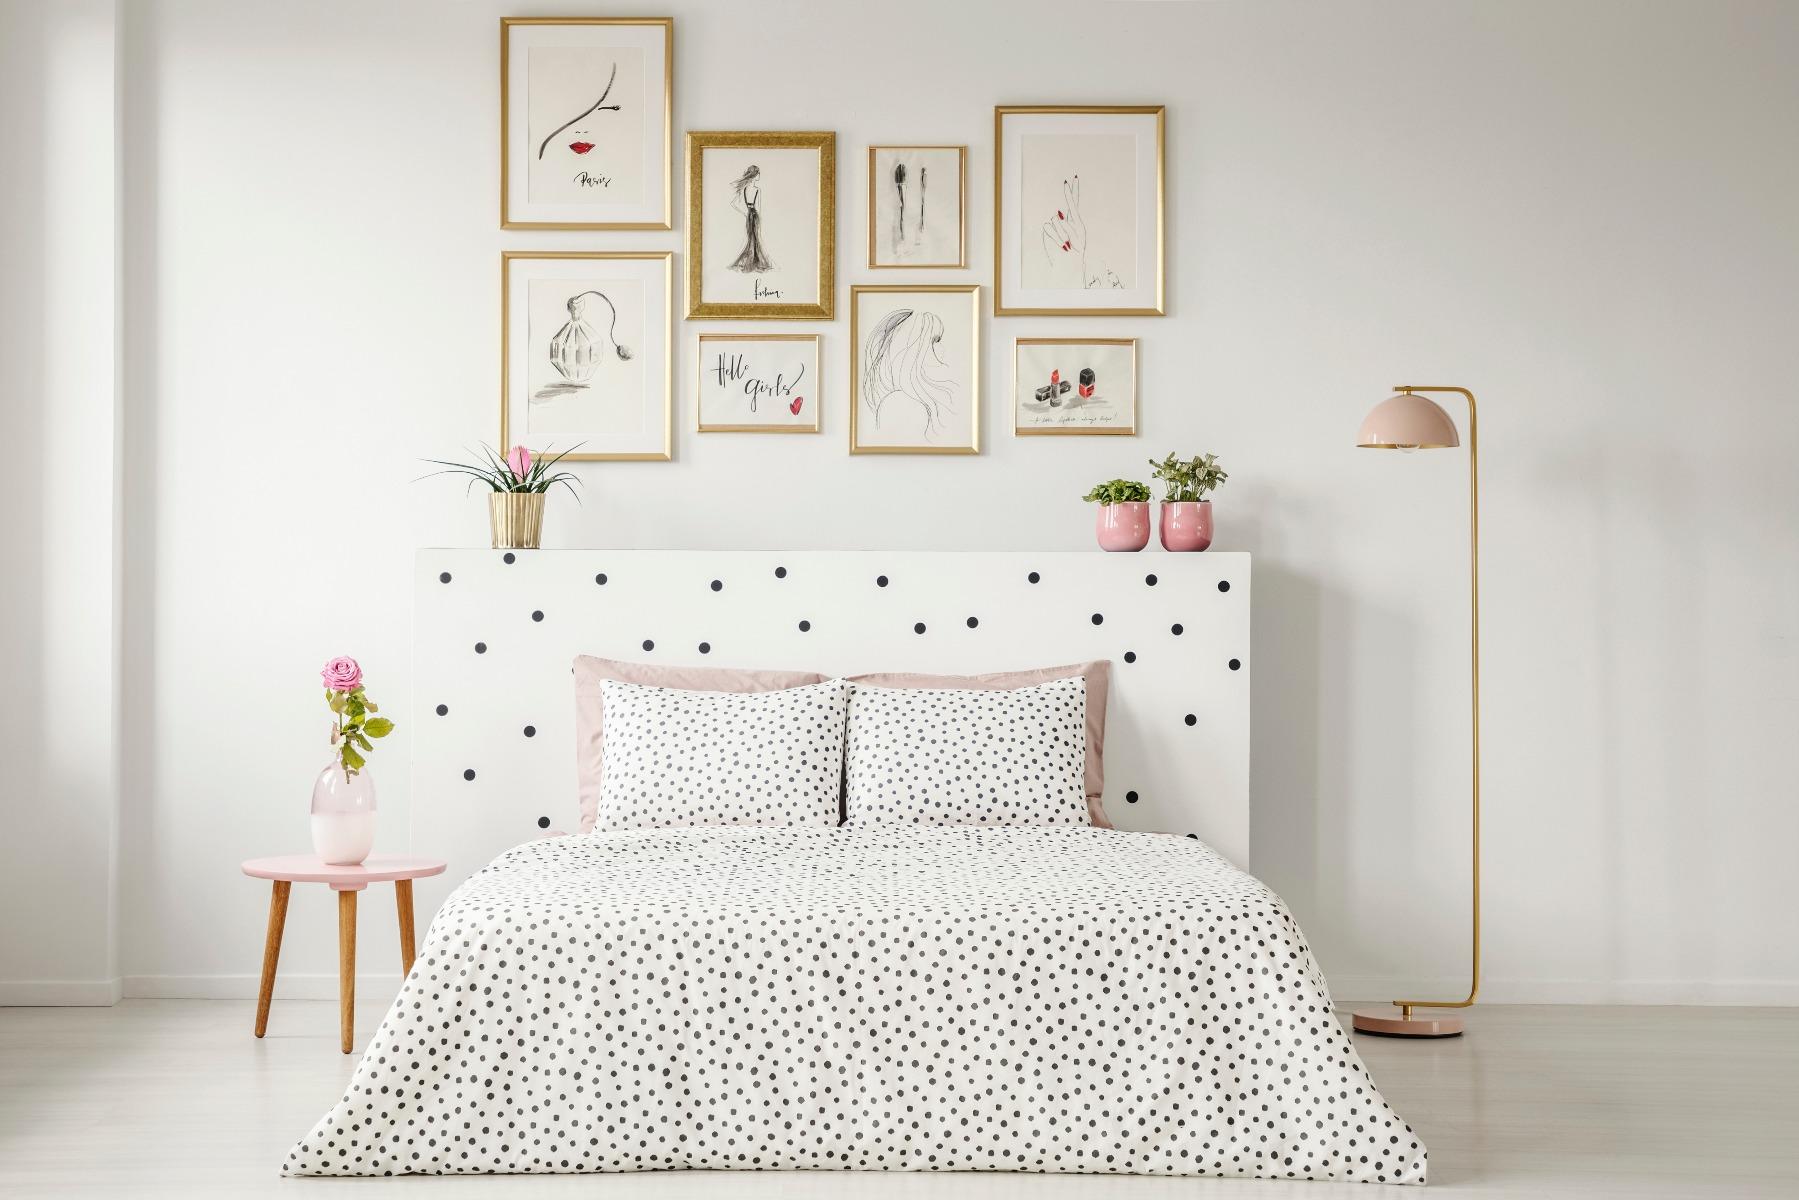 Das Bild zeigt die Wandgestaltung im Schlafzimmer.